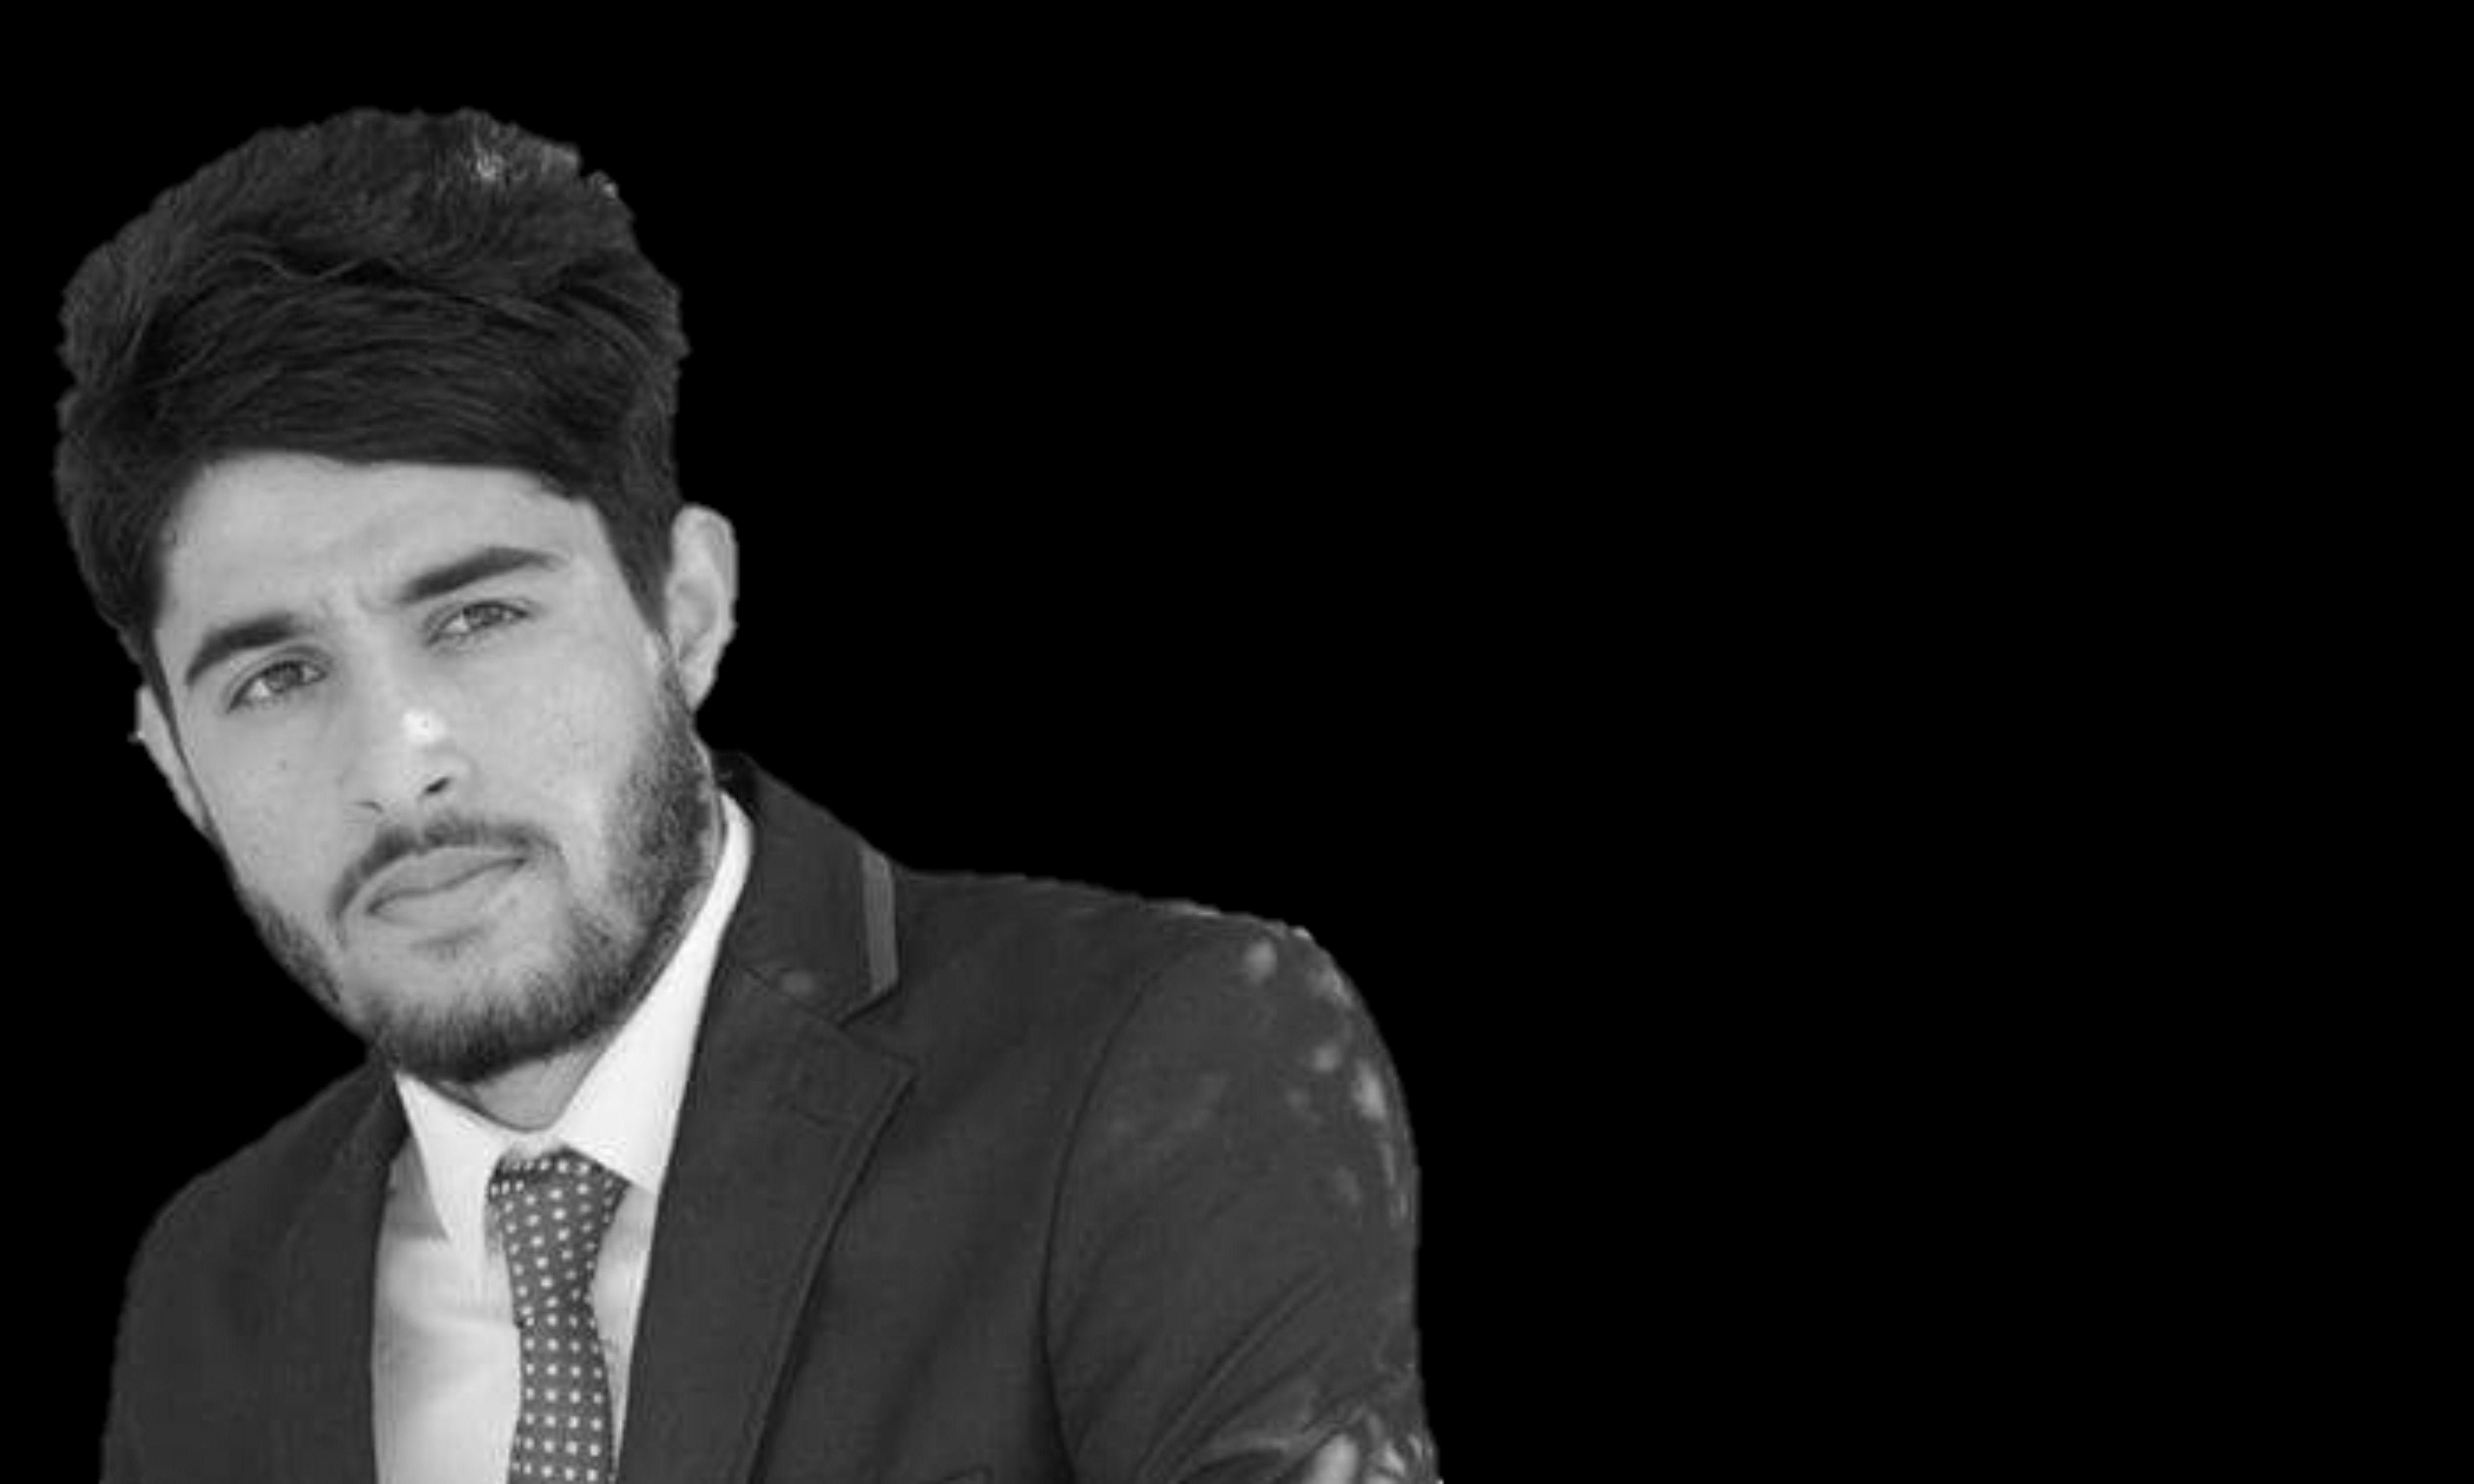 محمود اليعرب  Headshot